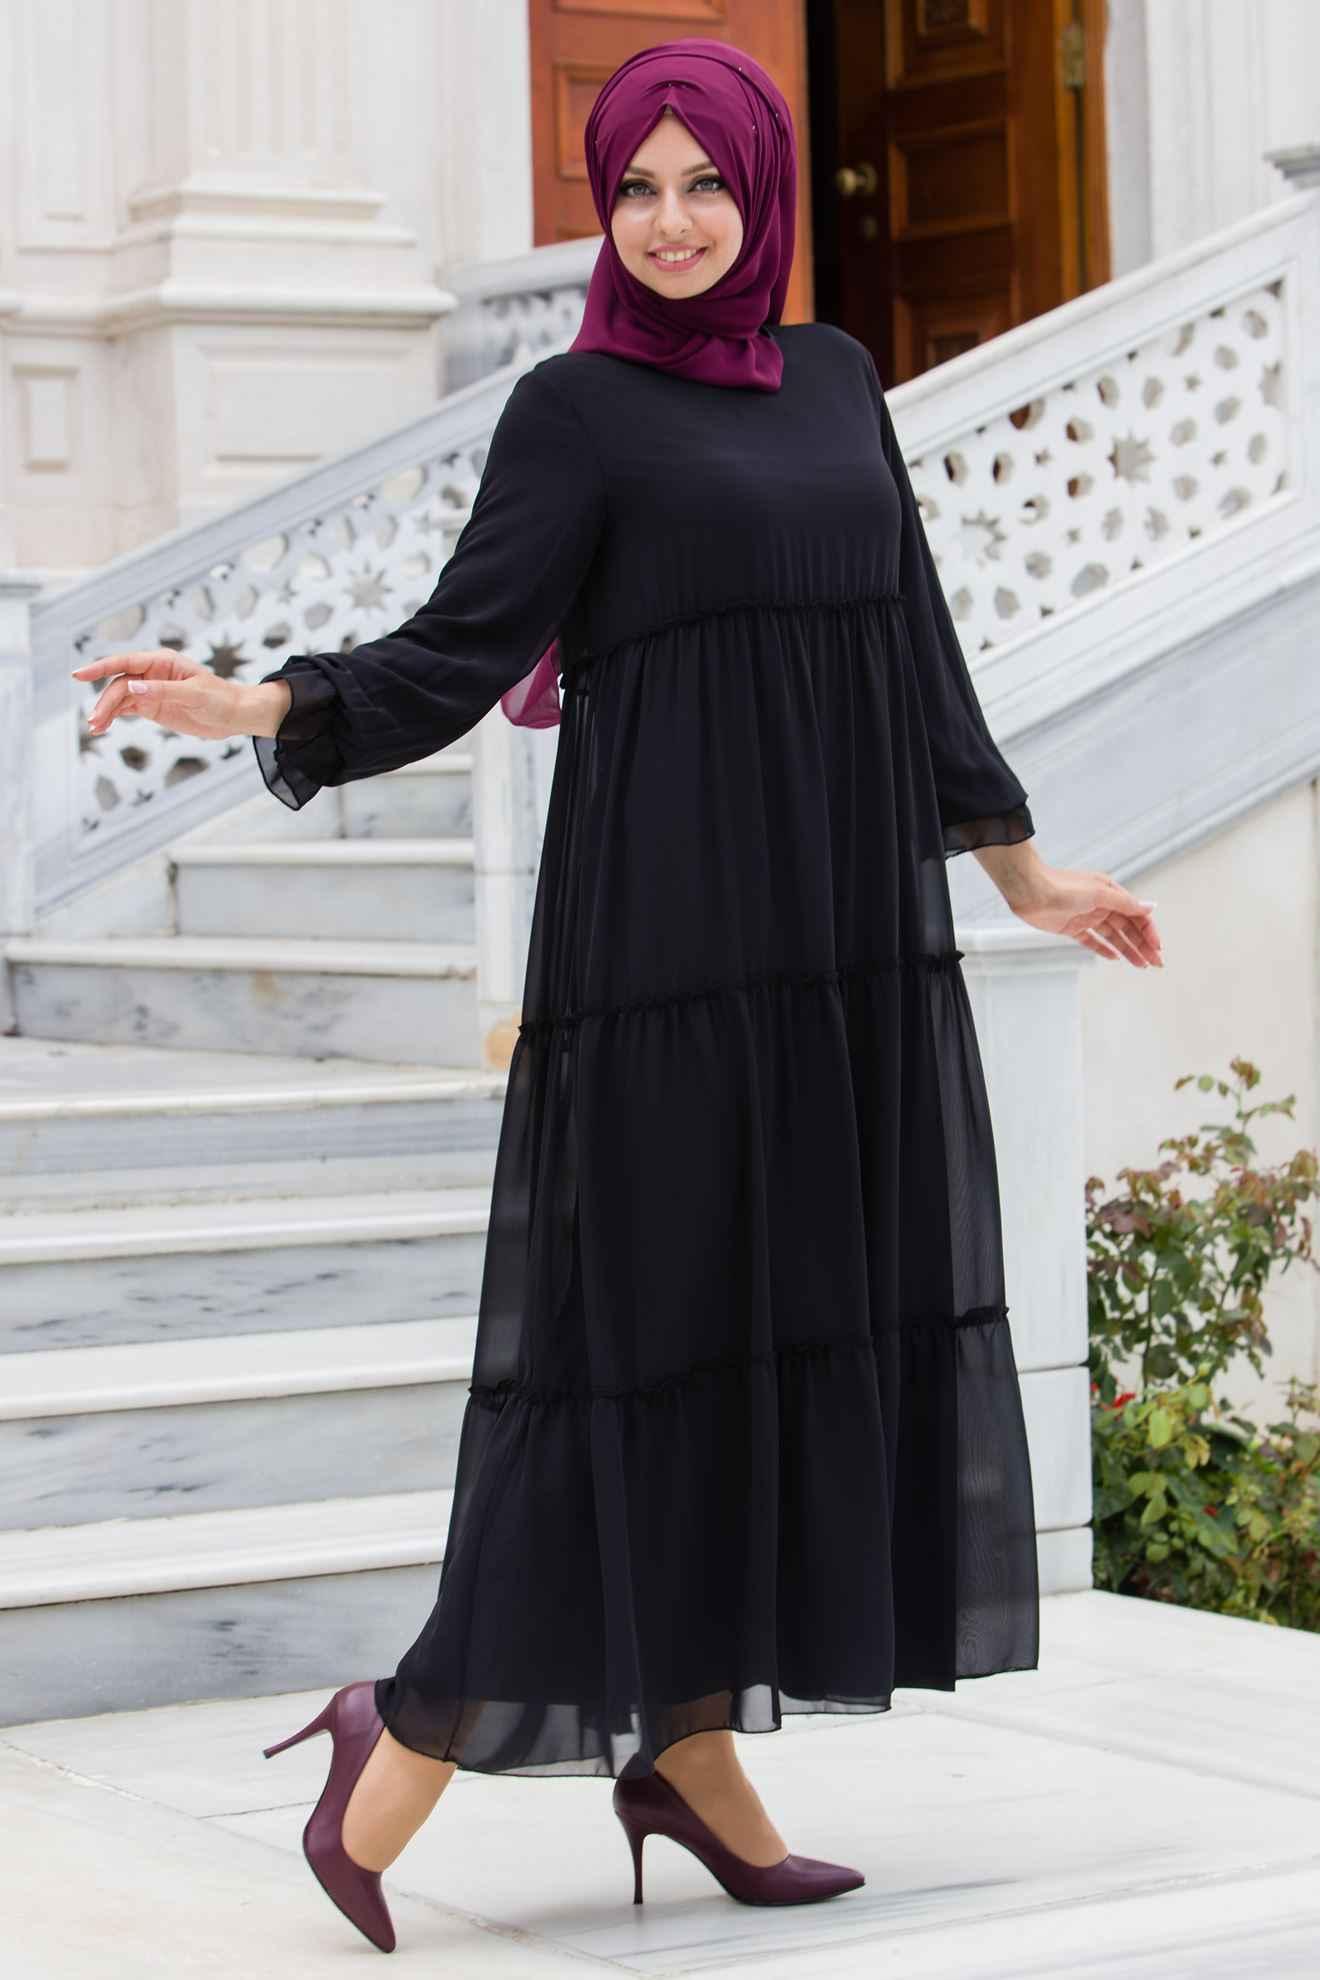 99e4a7f0e8106 Sedanur Günlük Tesettür Elbise Modelleri - Moda Tesettür Giyim